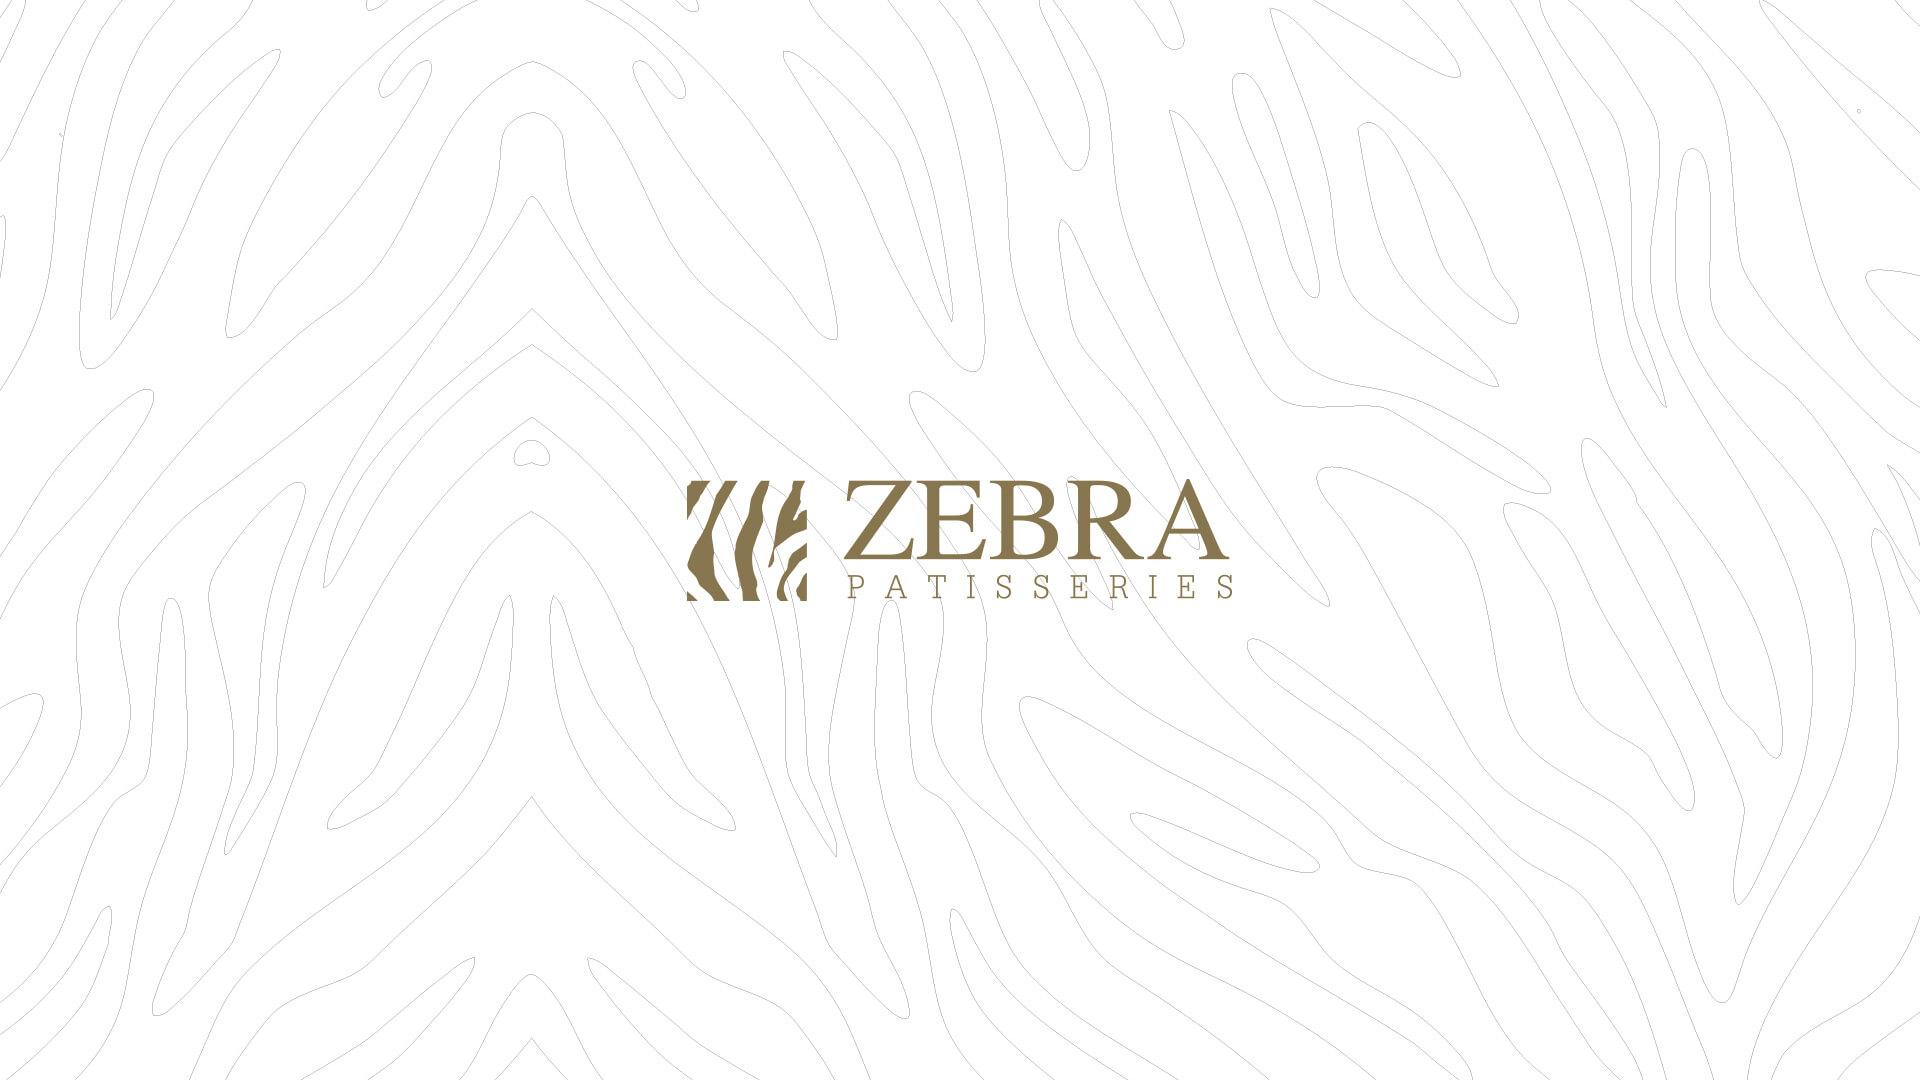 Zebra Patisseries